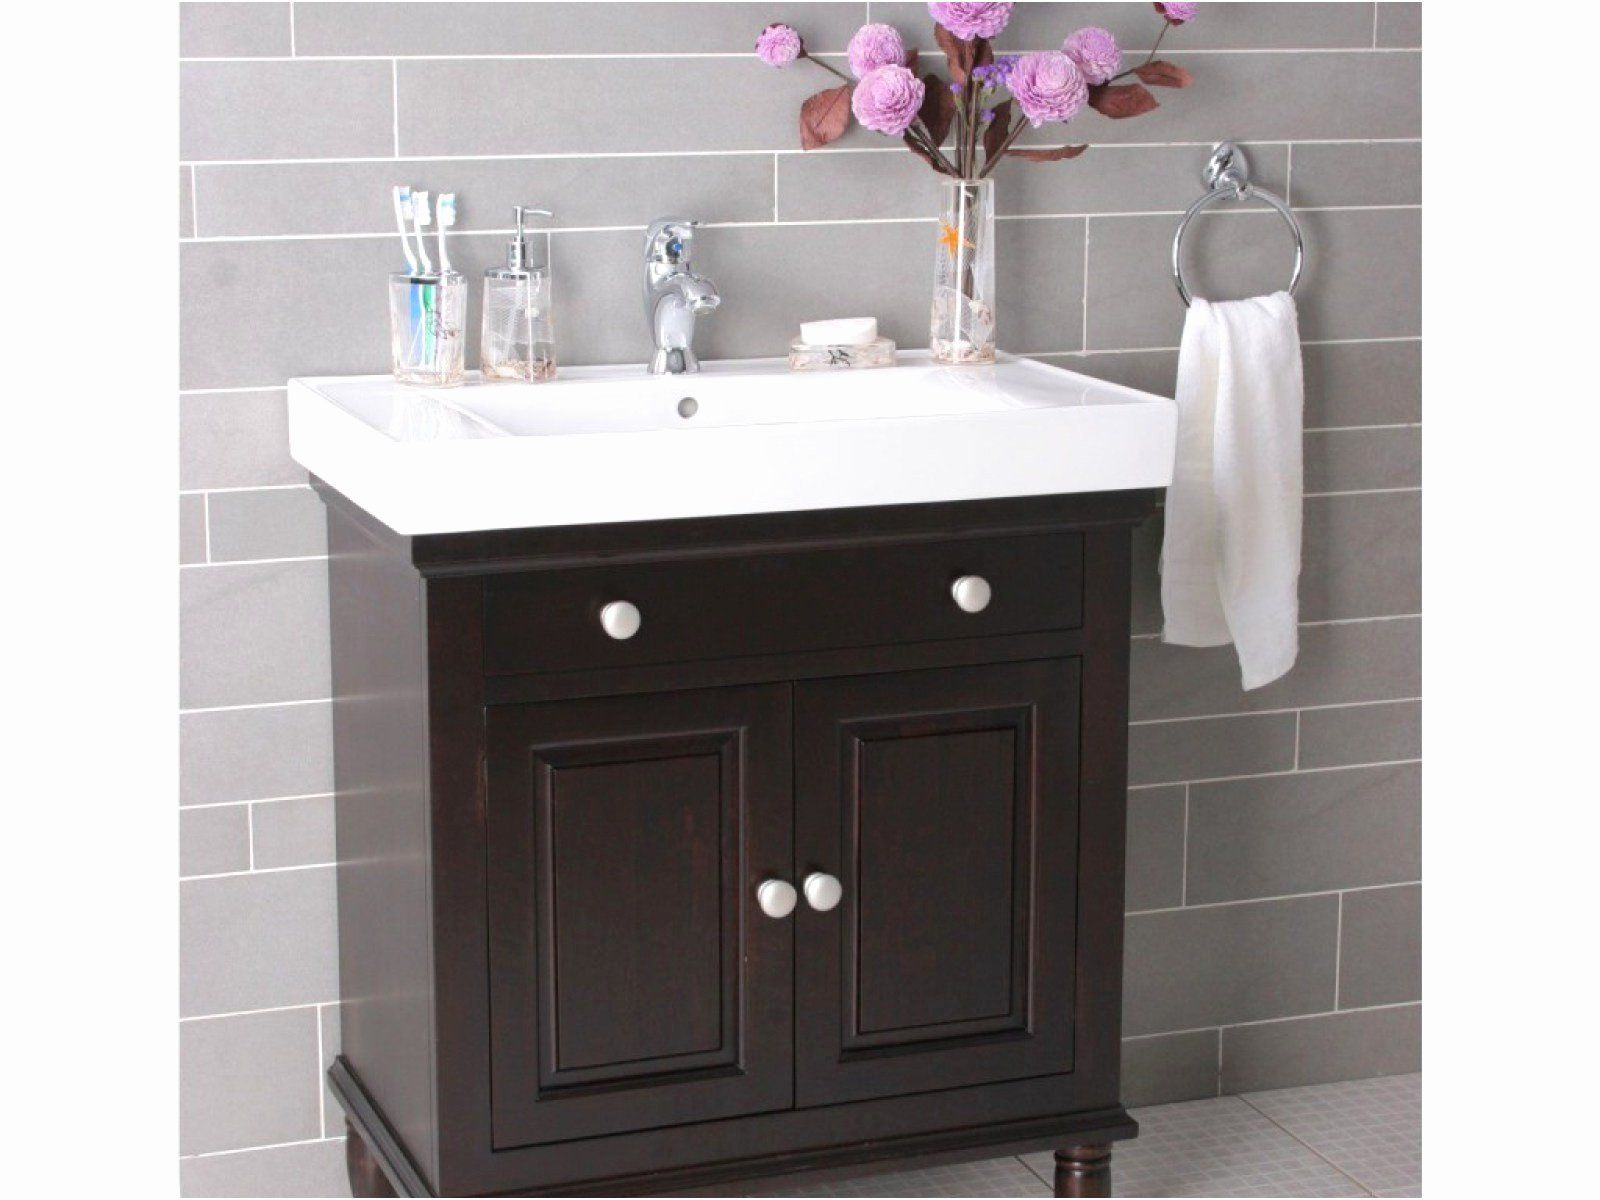 Home Depot Bathroom Ideas Beautiful Stunning Home Depot ...